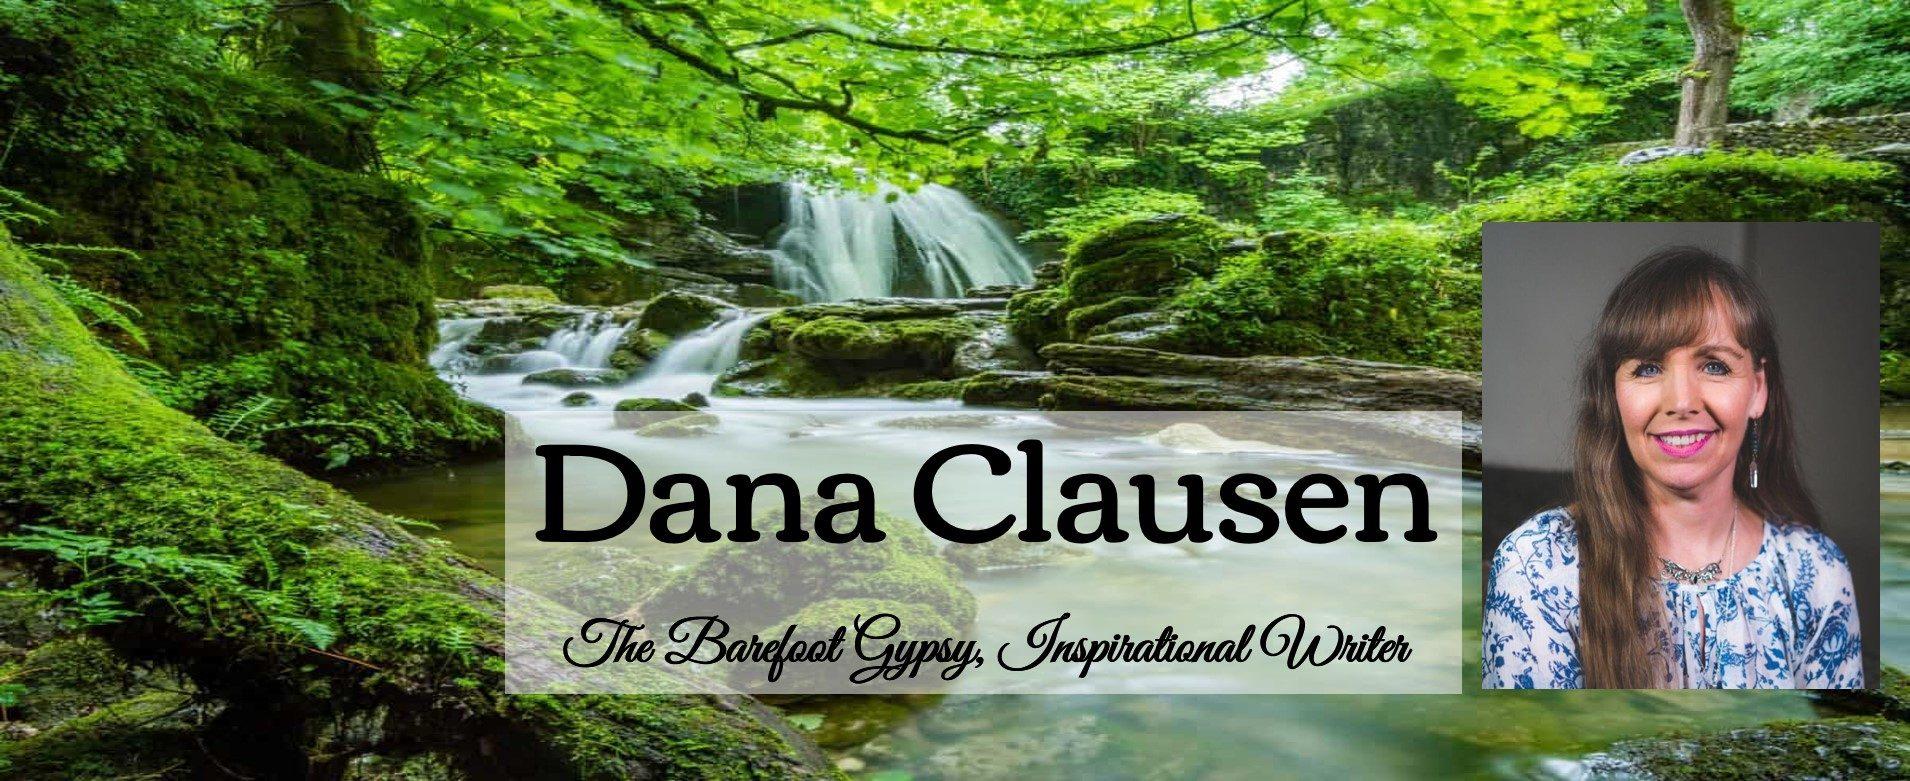 Dana Clausen